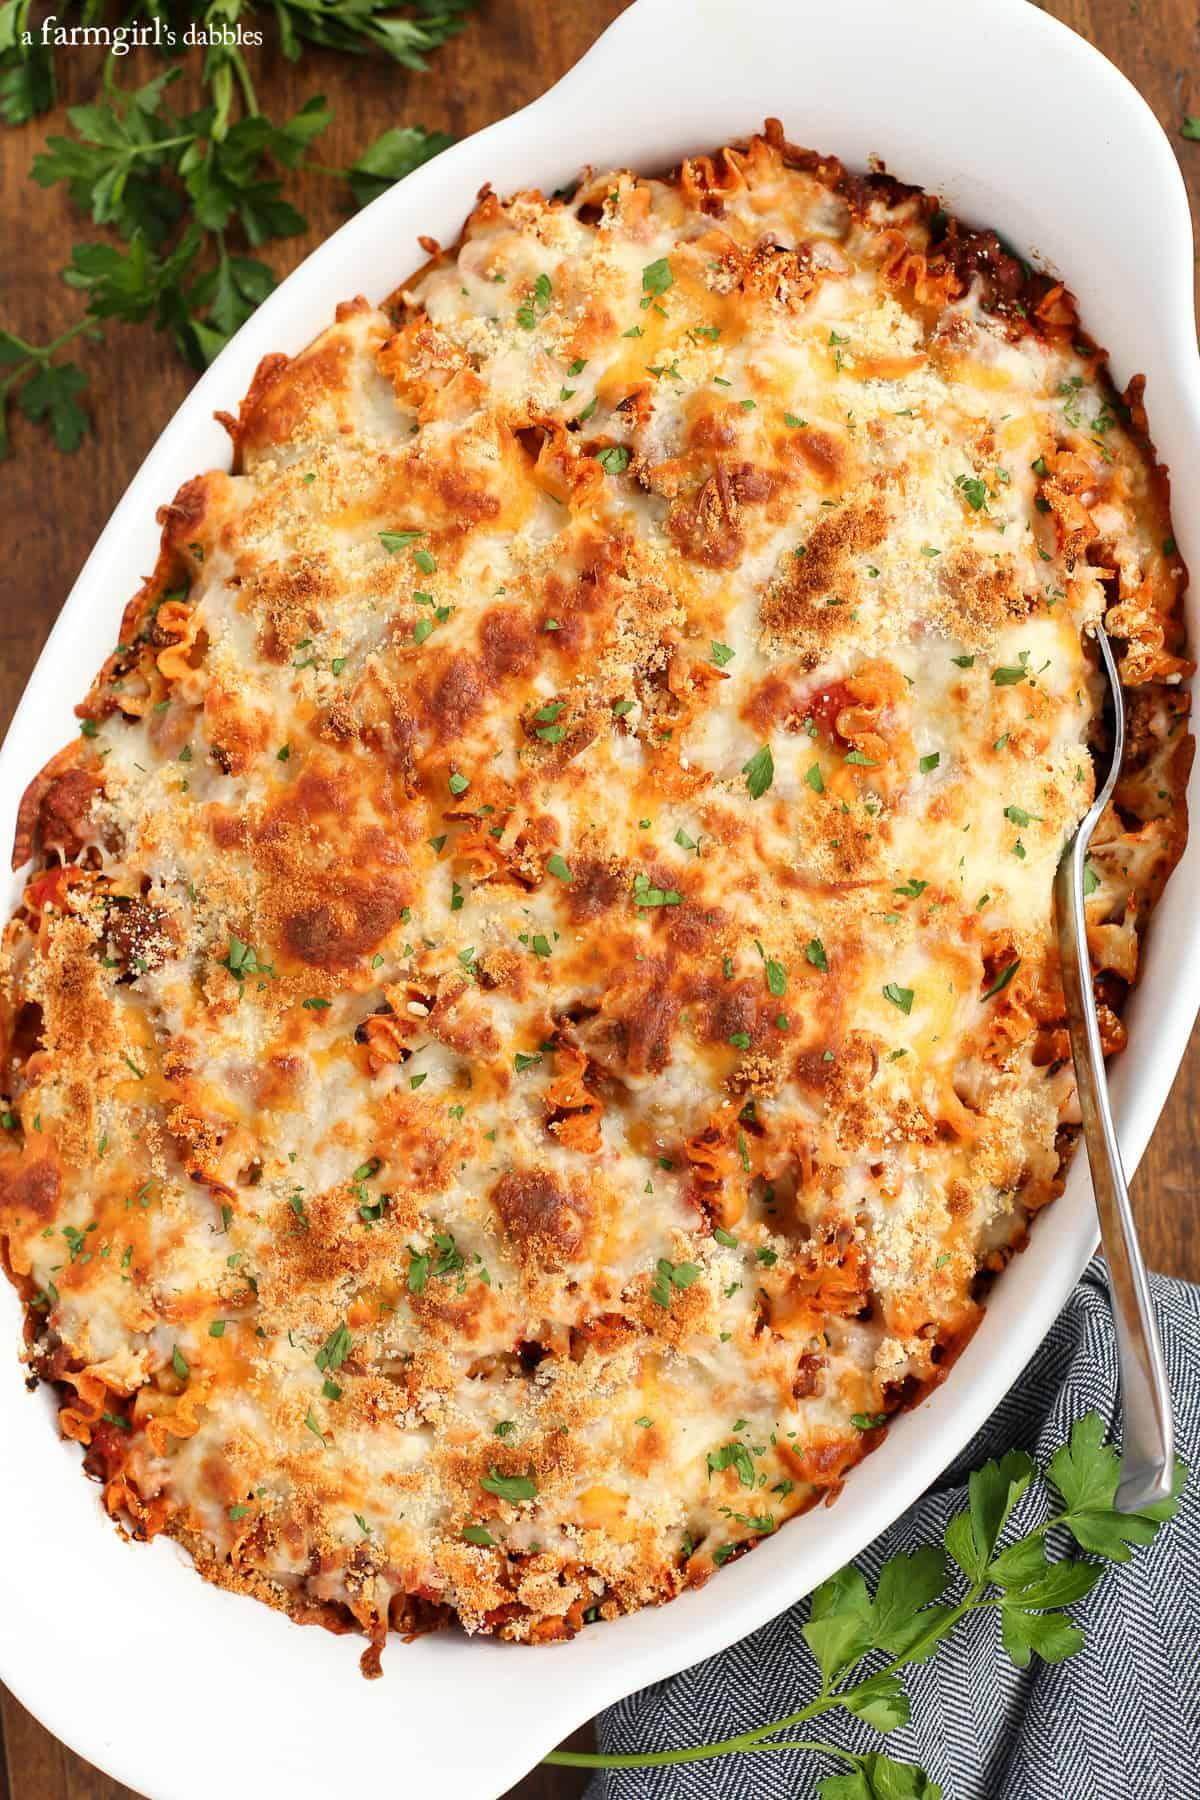 Spicy Lasagna Hotdish from afarmgirlsdabbles.com